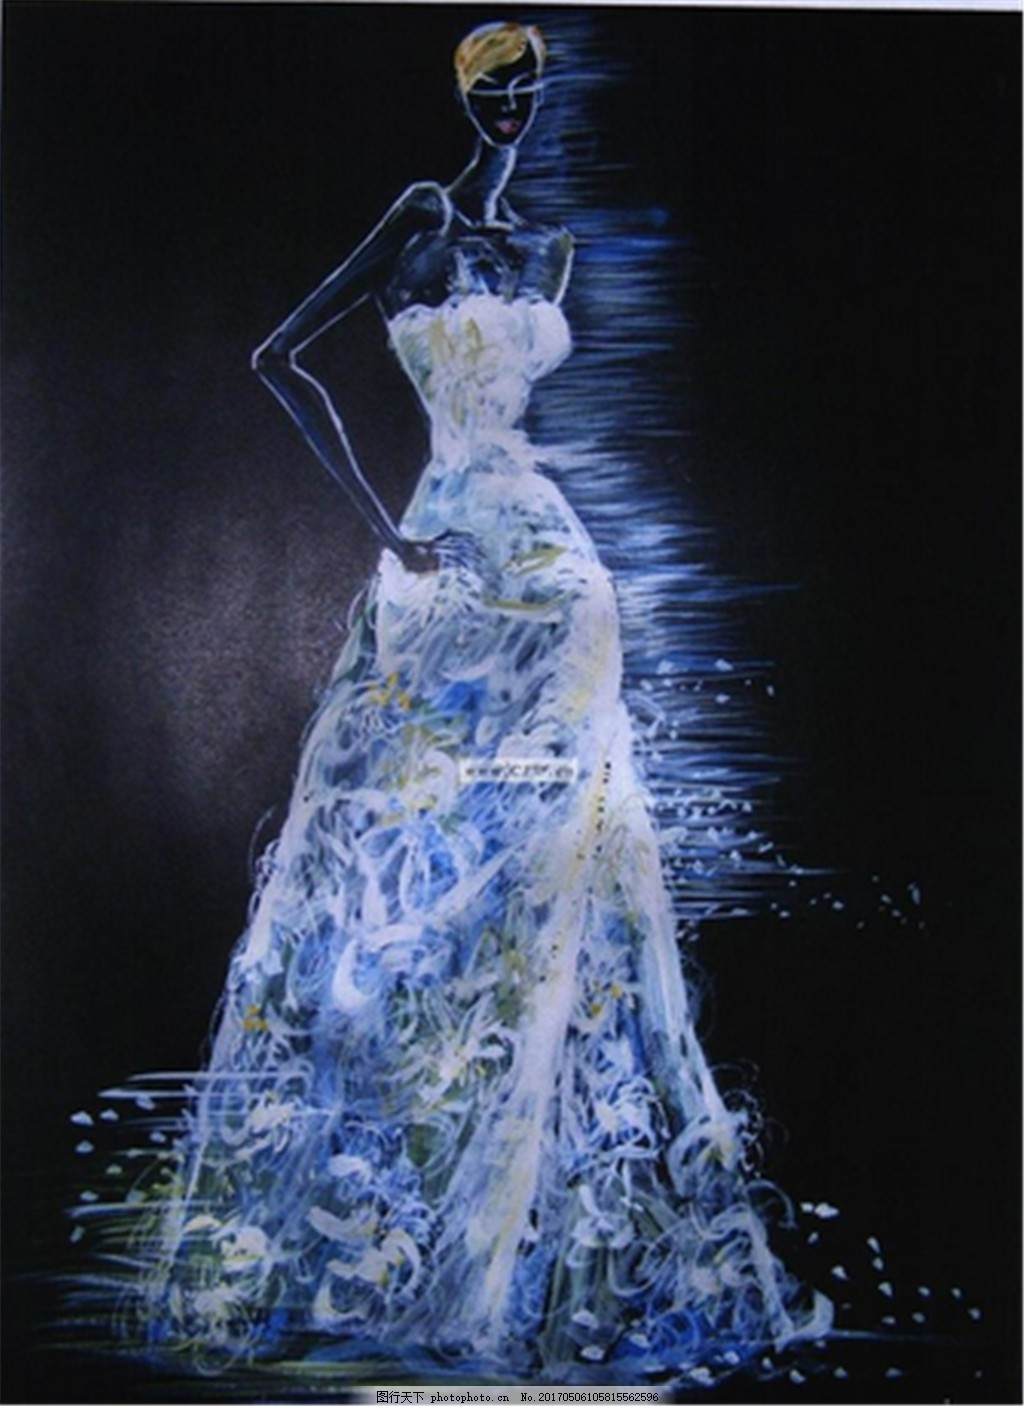 设计图库 现代科技 服装设计  蓝色夜光抹胸礼服设计图 服装设计 时尚